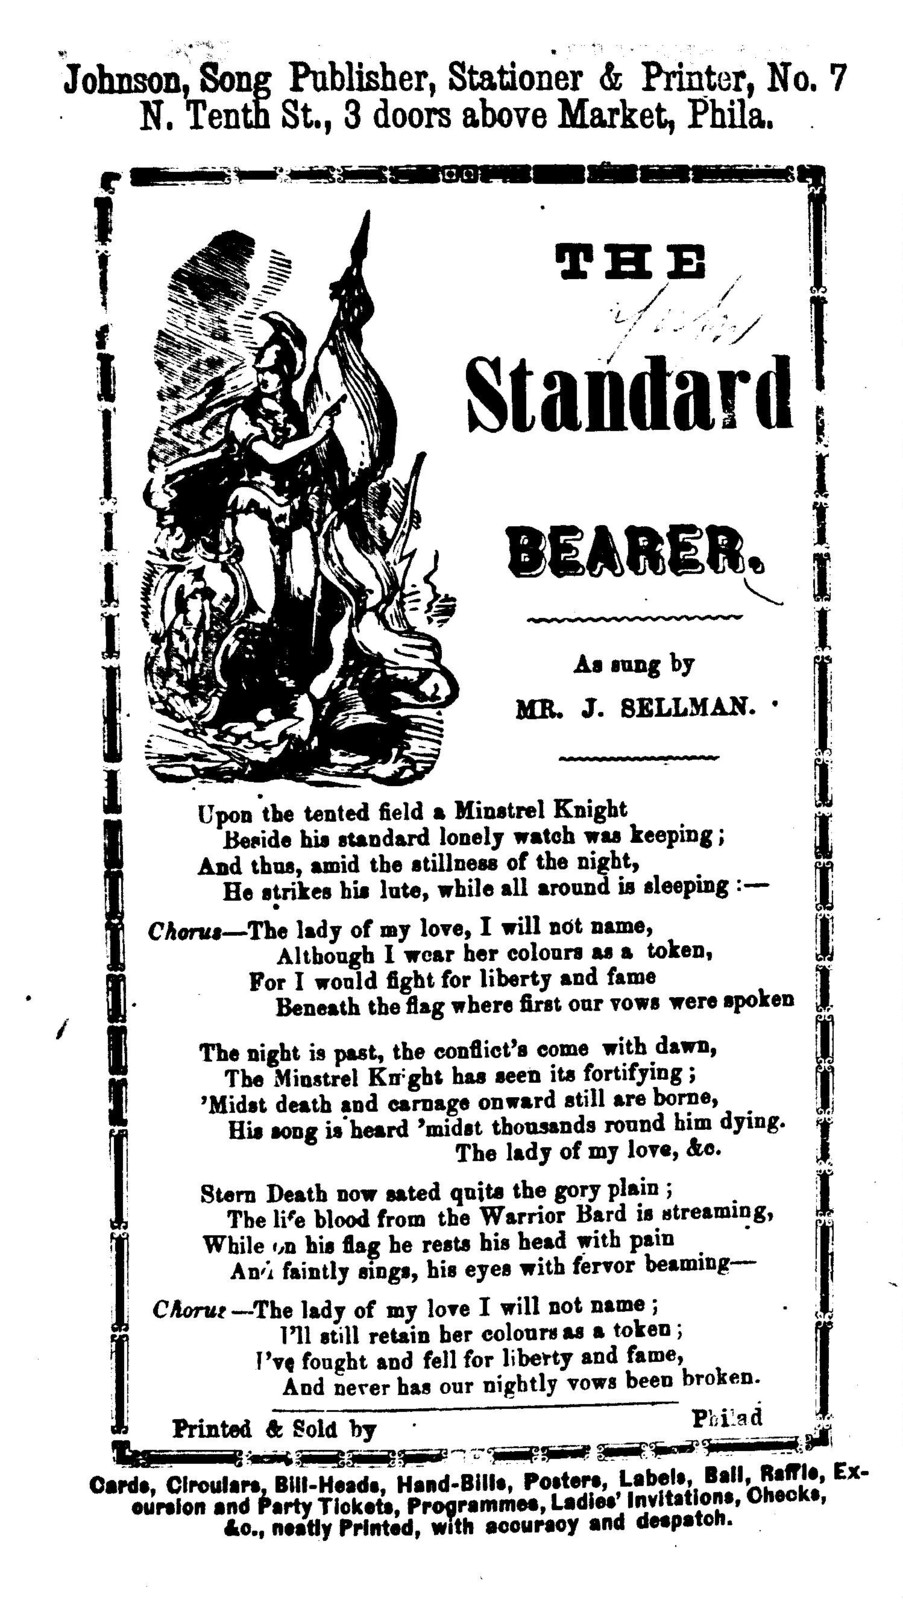 The standard bearer. Johnson, Song publisher, ... Phila